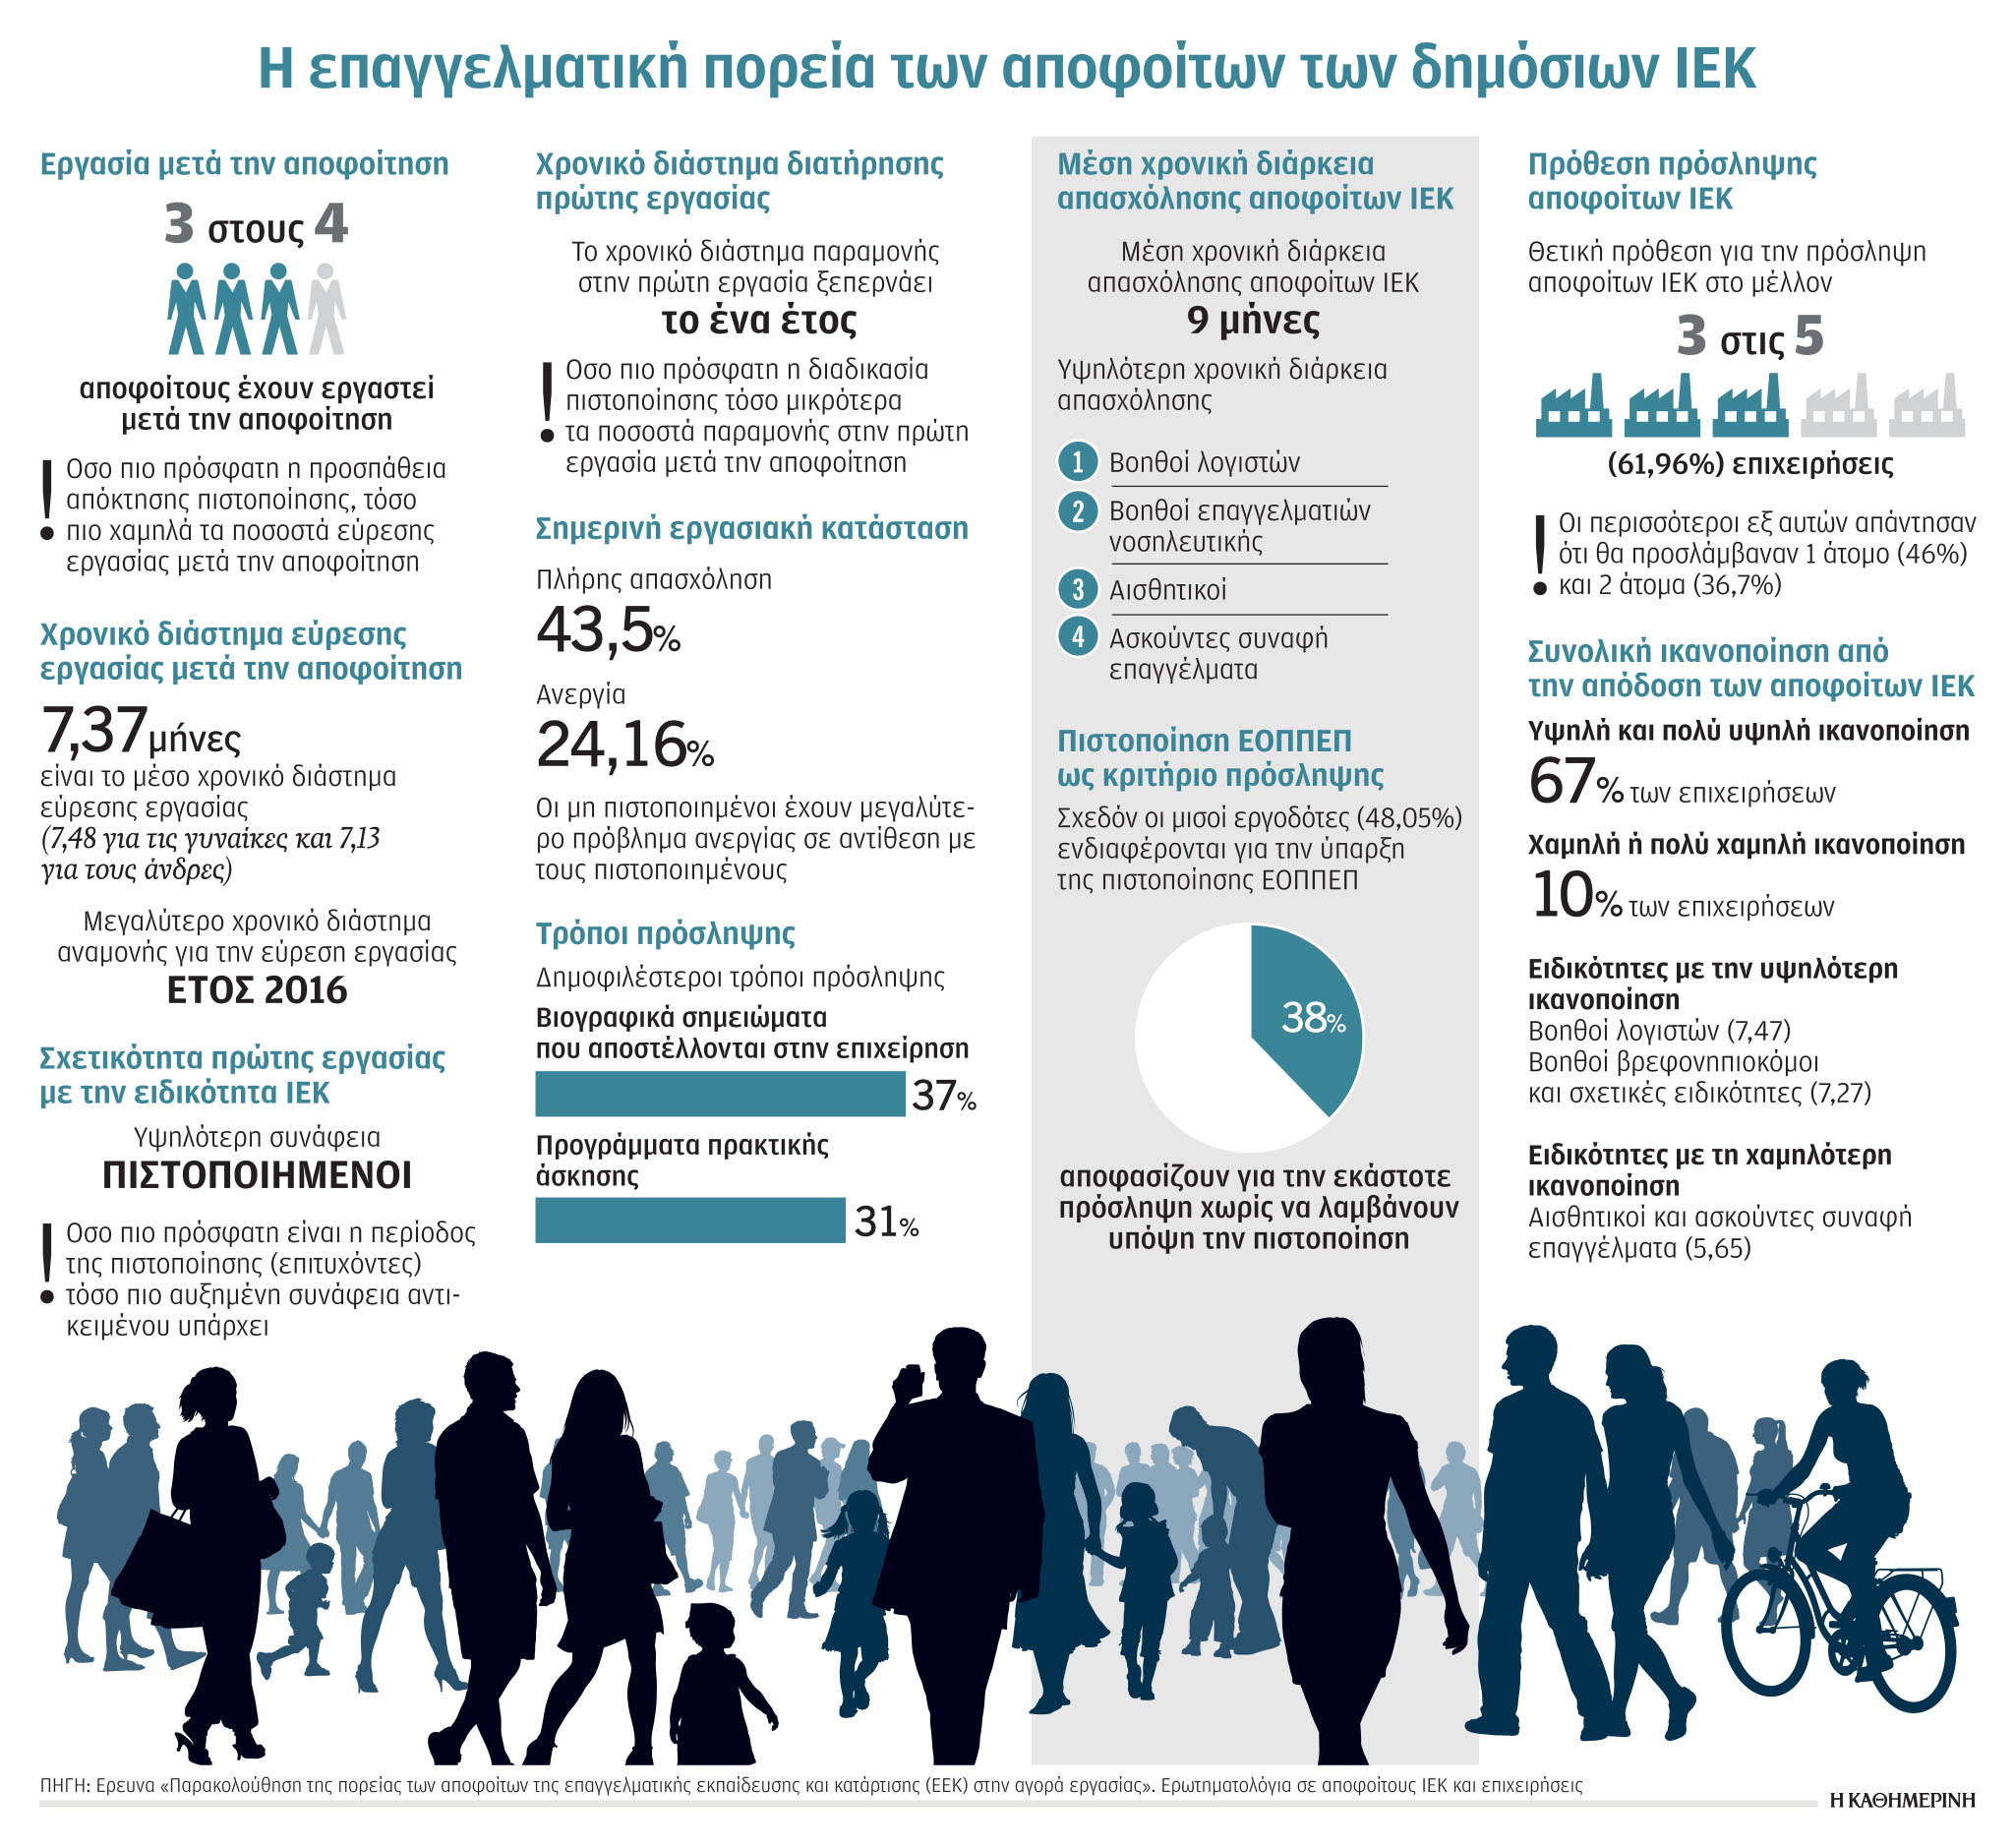 ειδικότητες προσφέρουν τα δημόσια ΙΕΚ, Νέες ευκαιρίες και ειδικότητες προσφέρουν τα δημόσια ΙΕΚ, Eviathema.gr   Εύβοια Τοπ Νέα Ειδήσεις